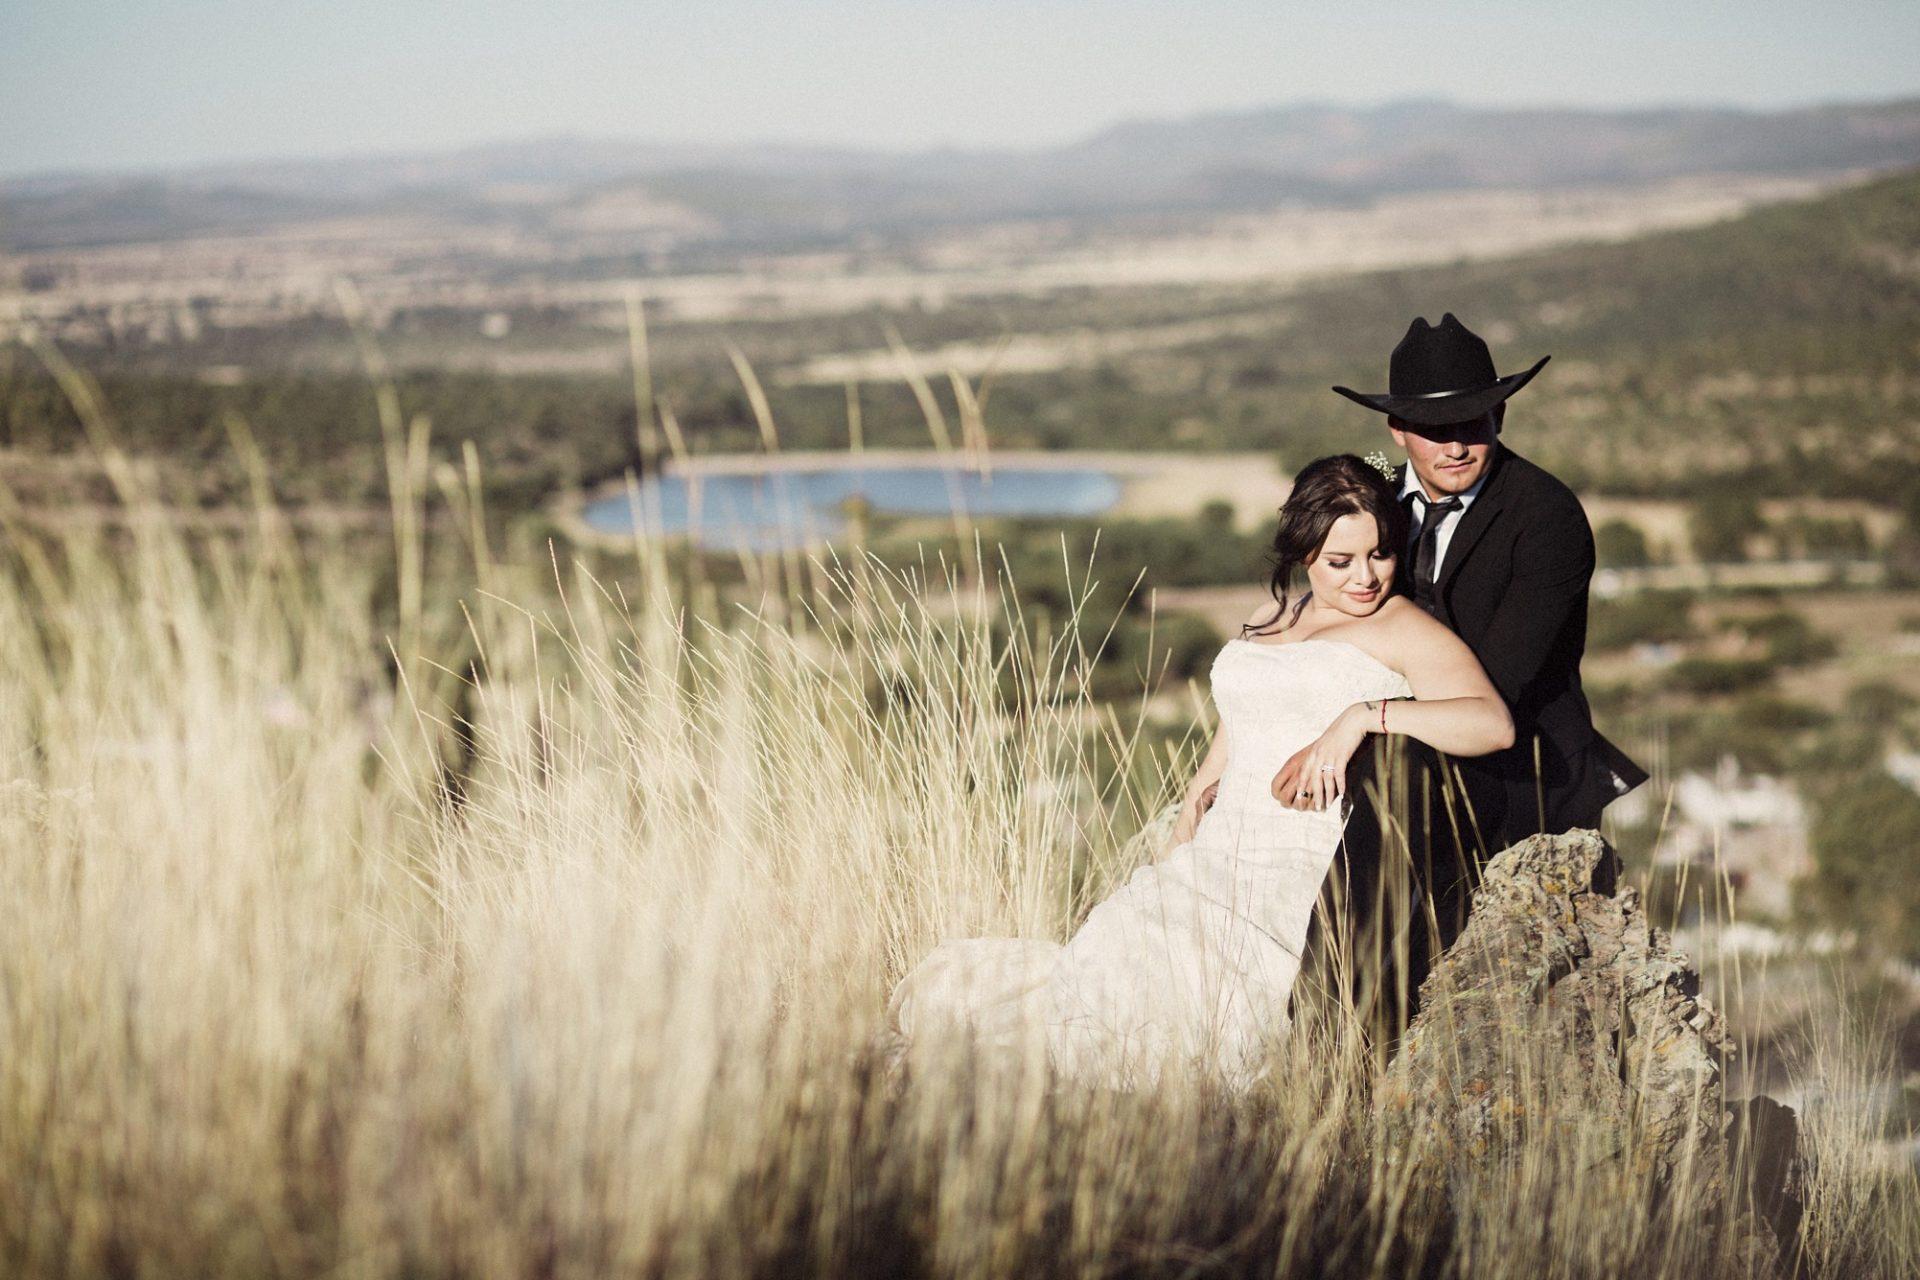 boda-jerez-charra-zacatecas--49